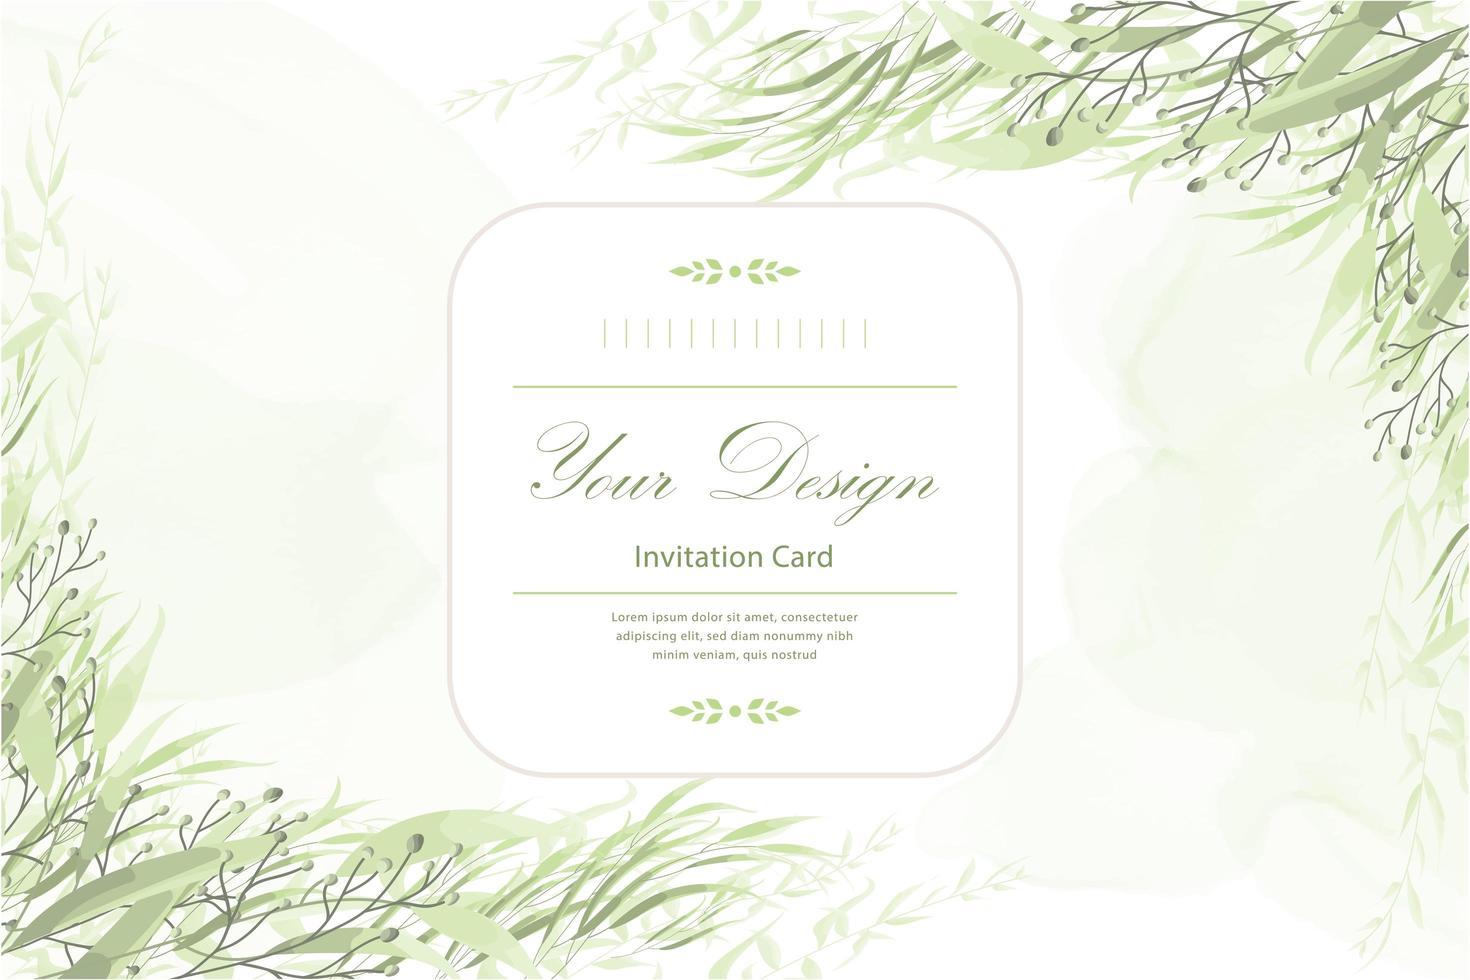 carte d'invitation florale vecteur